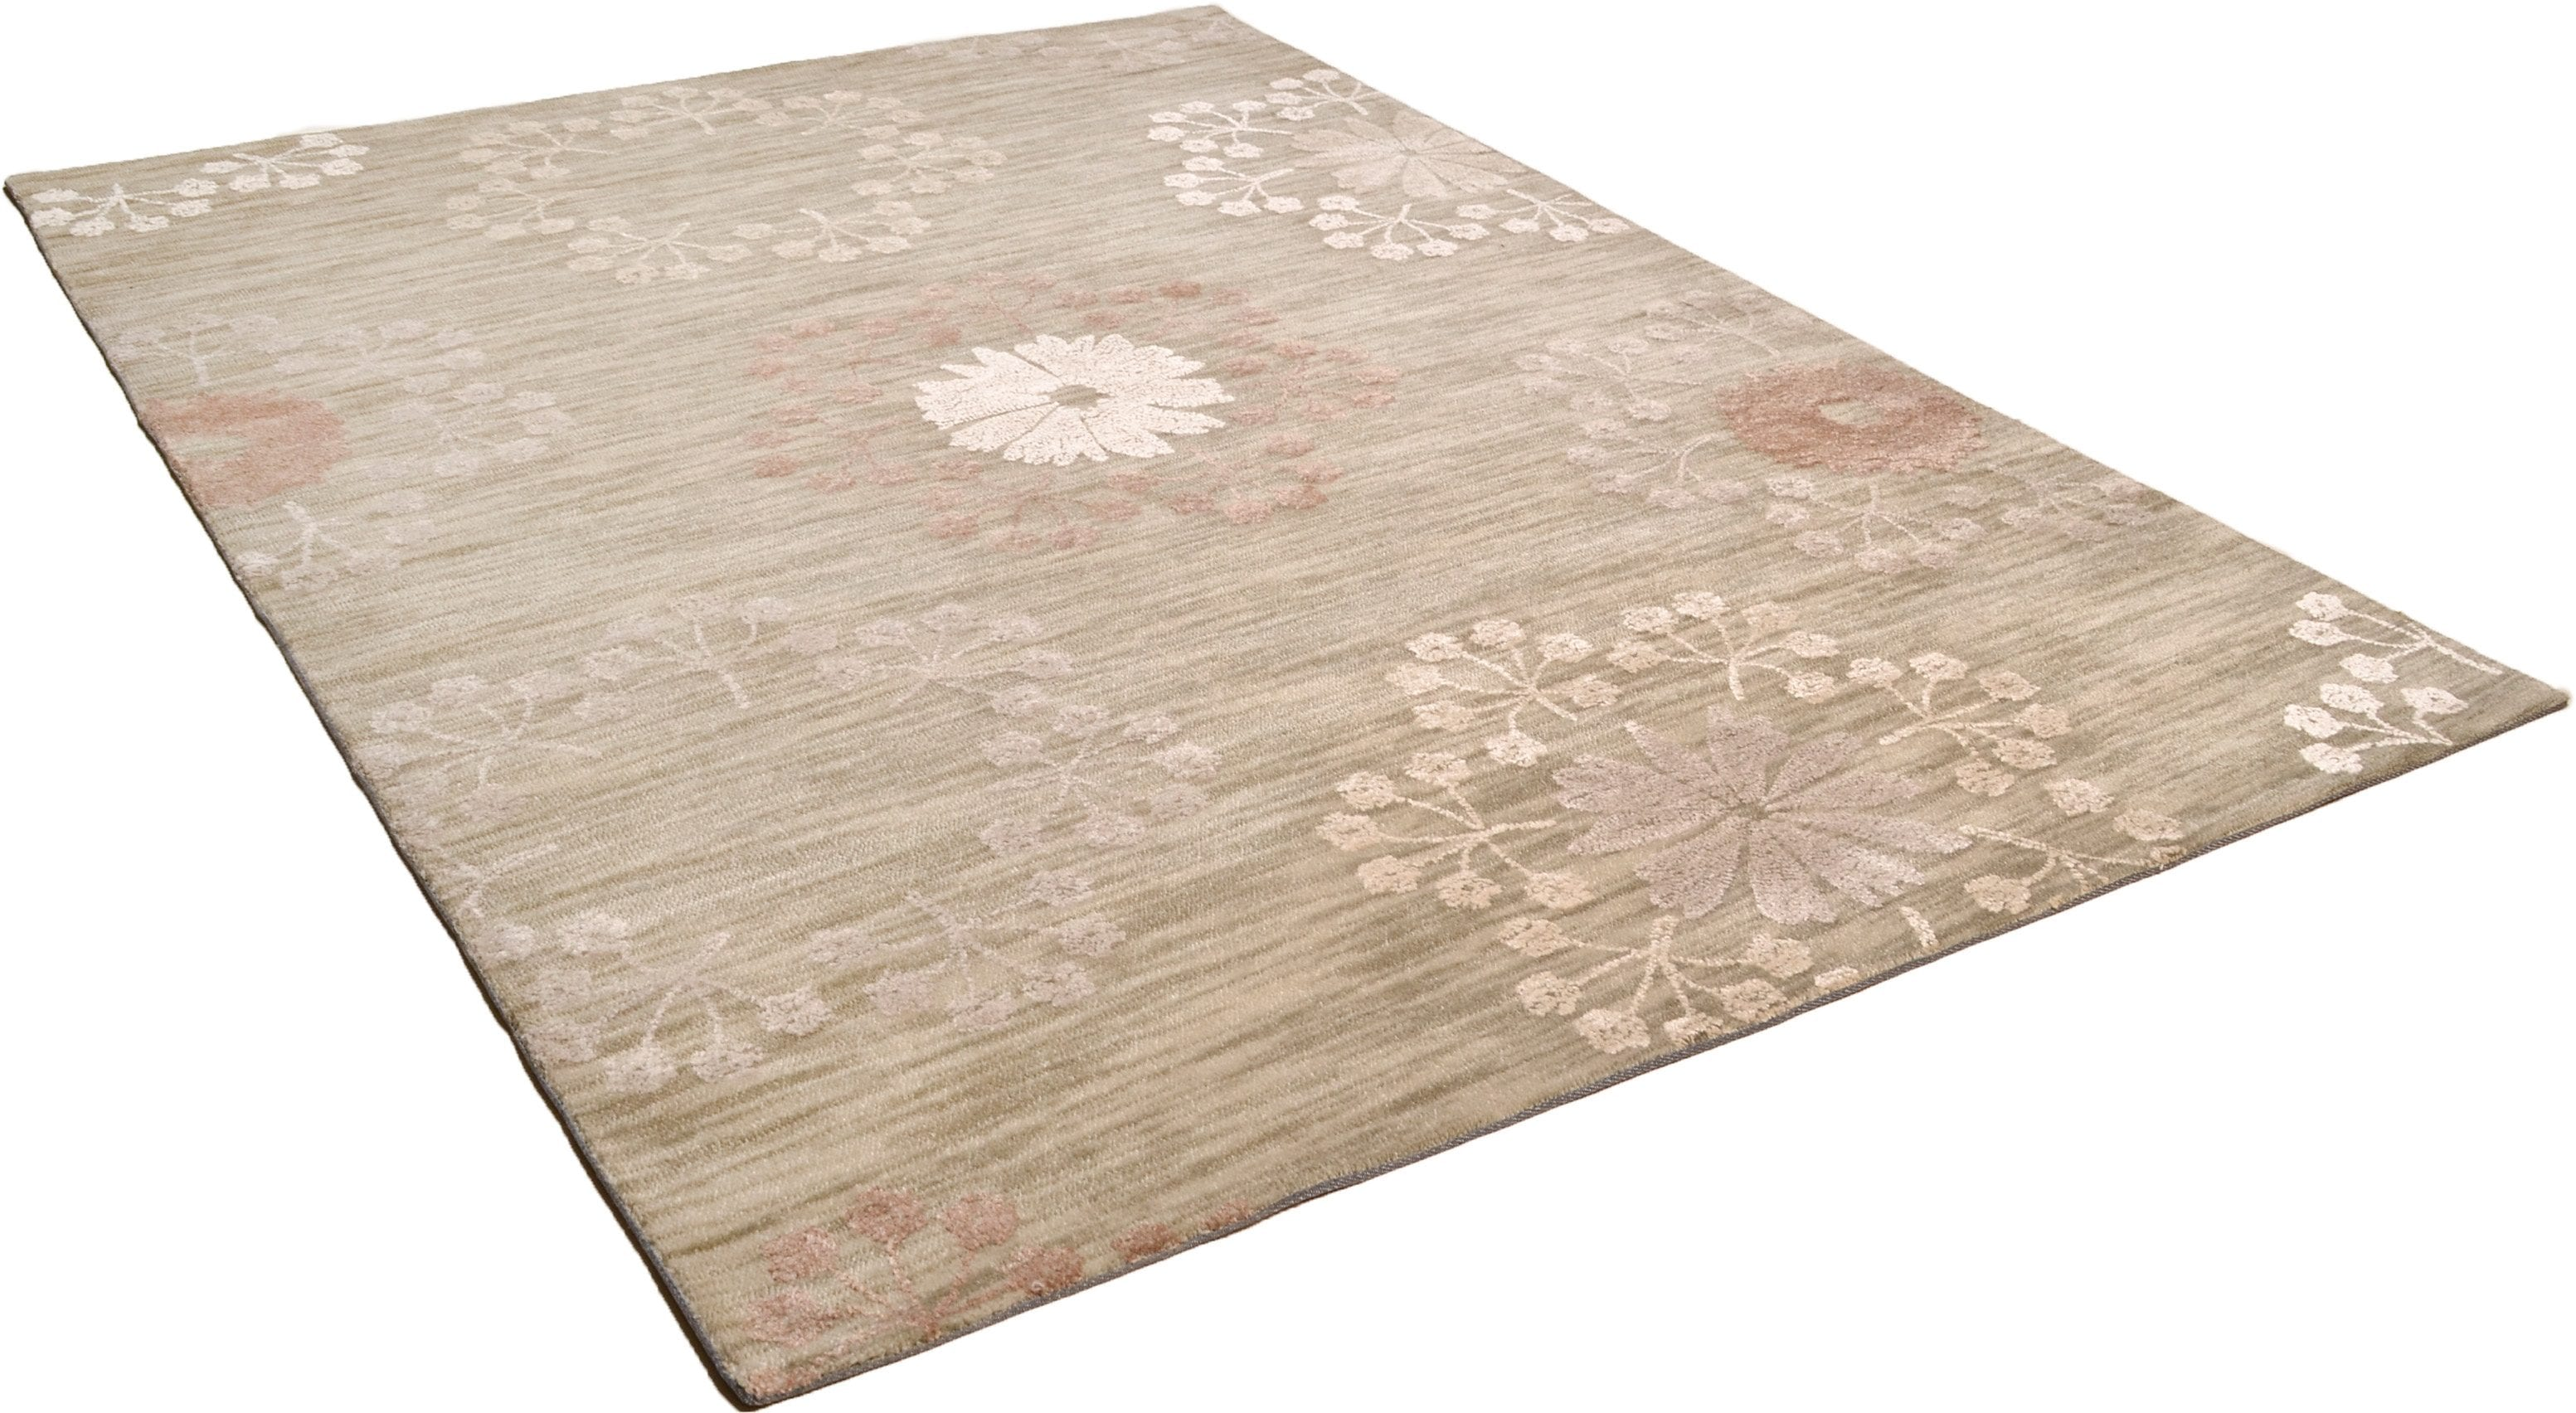 Teppich Chic 2 Arte Espina rechteckig Höhe 10 mm handgetuftet